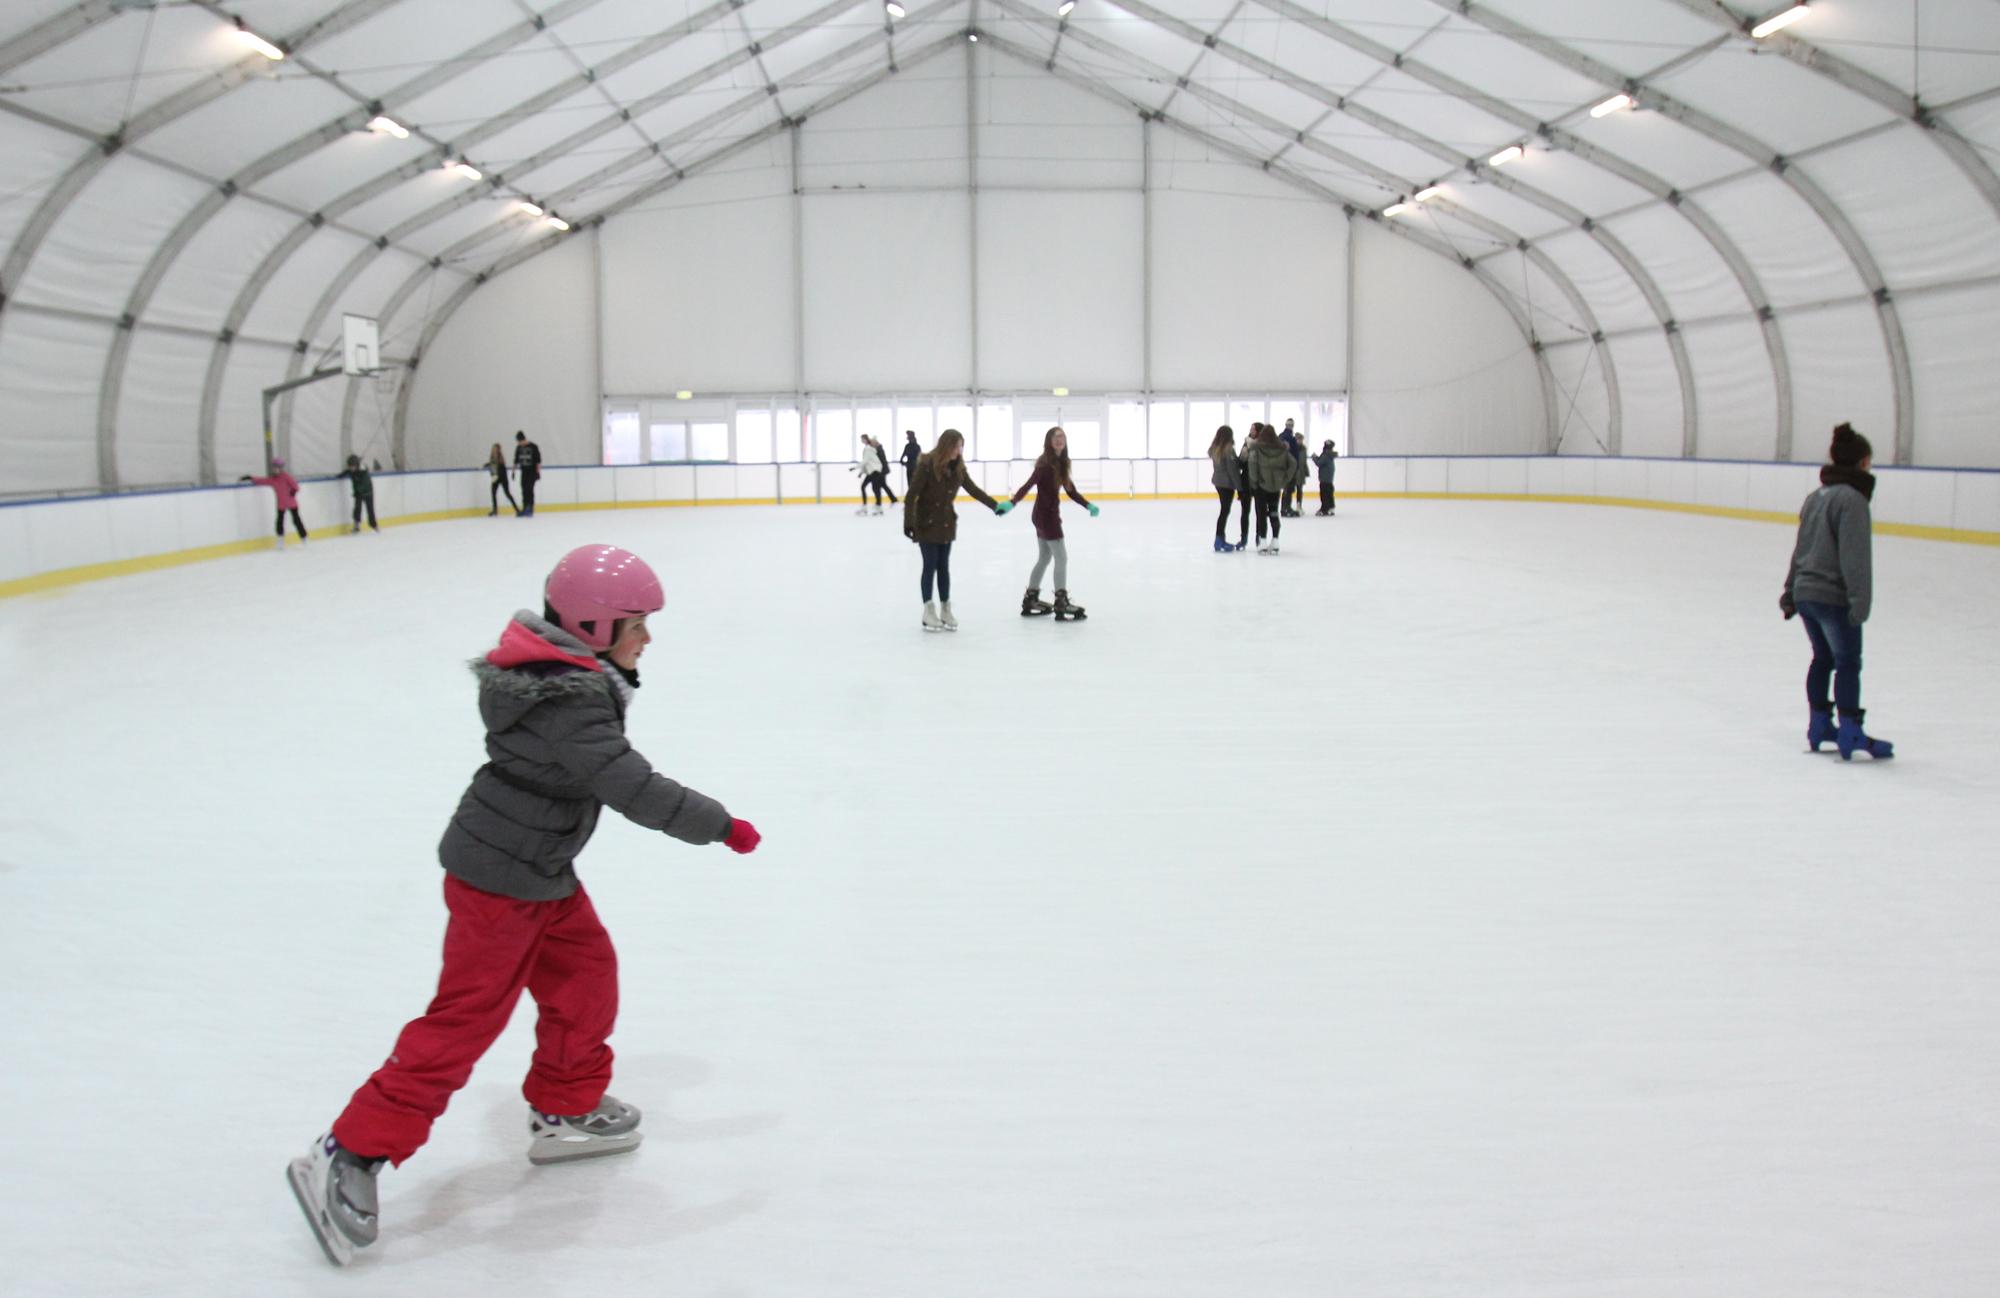 W Bielsku-Białej otwierają basen i lodowisko